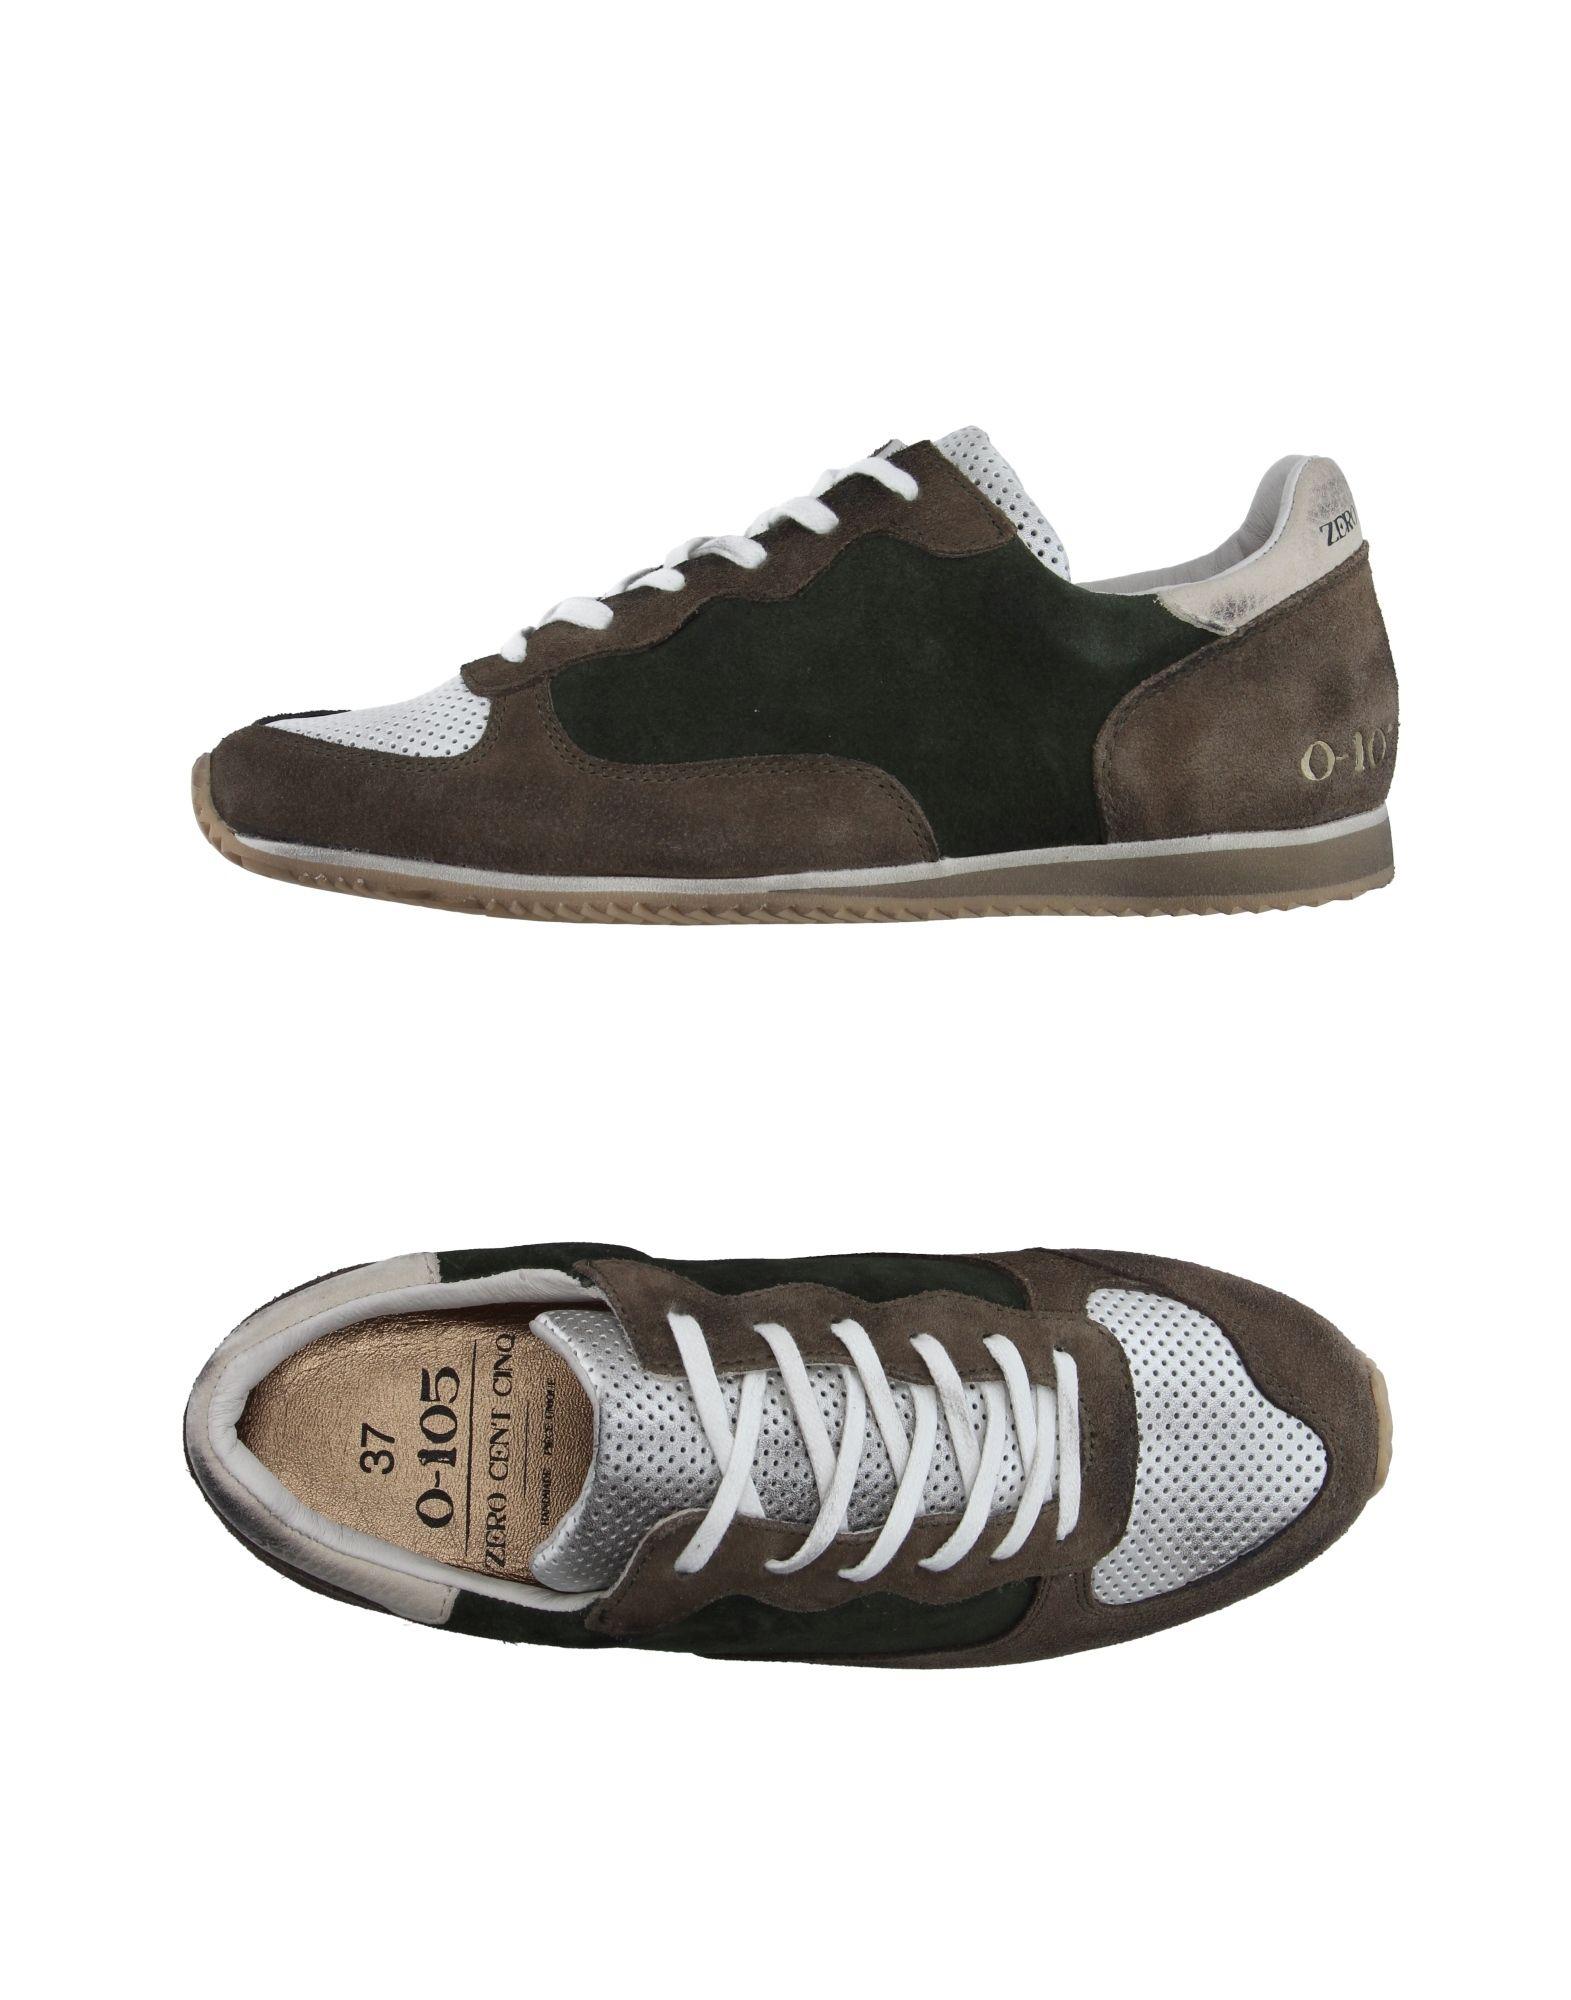 0 Schuhe 11128828NE Gute Qualität beliebte Schuhe 0 ac574e